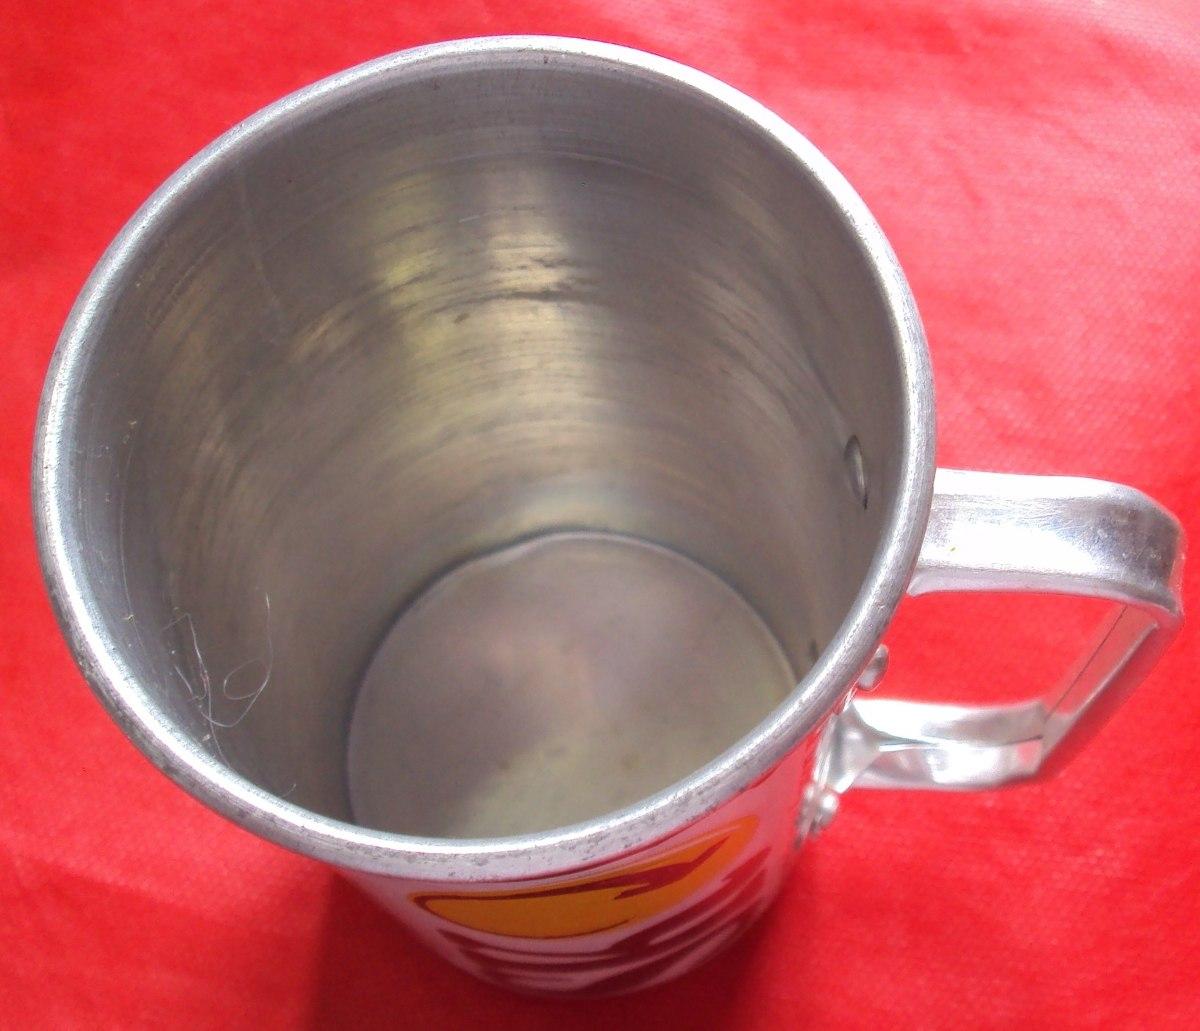 #BF0C1A Caneco De Aluminio Lata Cerveja Skol A42 R$ 7 00 em Mercado  920 Onde Comprar Janelas De Aluminio Em Porto Alegre